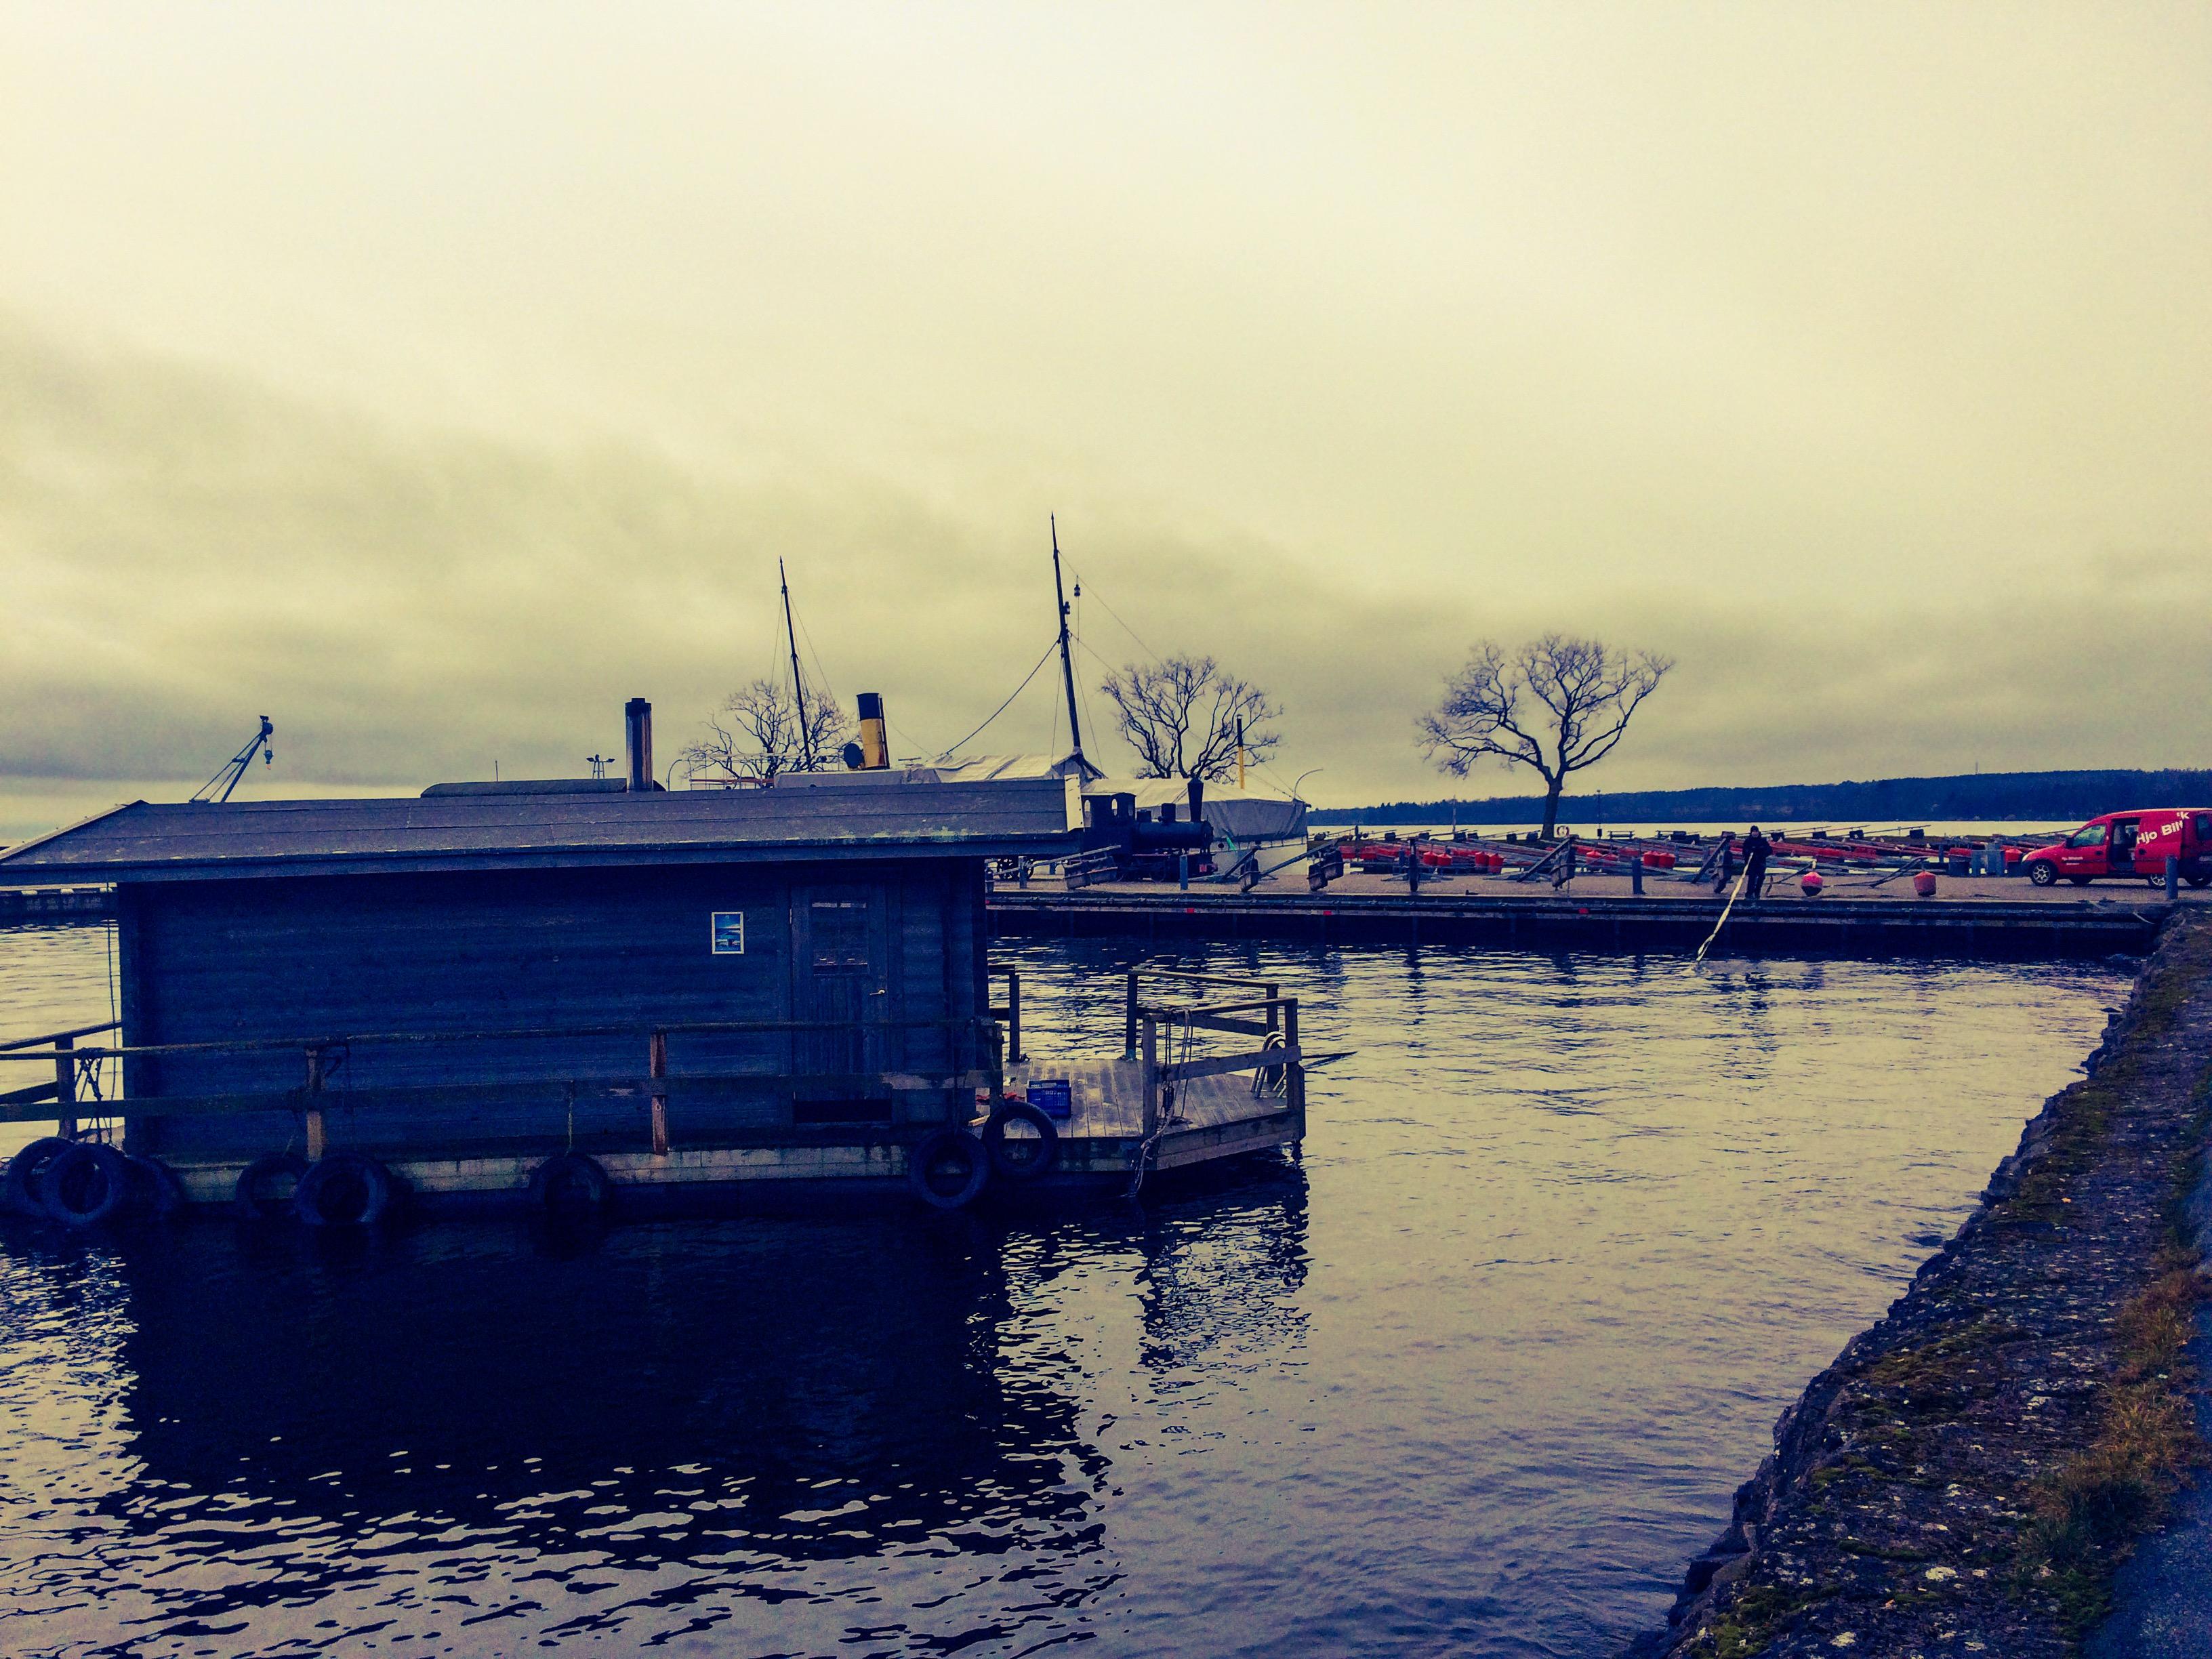 Hjo Flytbastu flytandebastu hjoflytbastu flytandehus hus flytande bastuflotte flotte bastu hamn hamnen placering flyttat flytt trafik restaurang bryggan David Davidsson